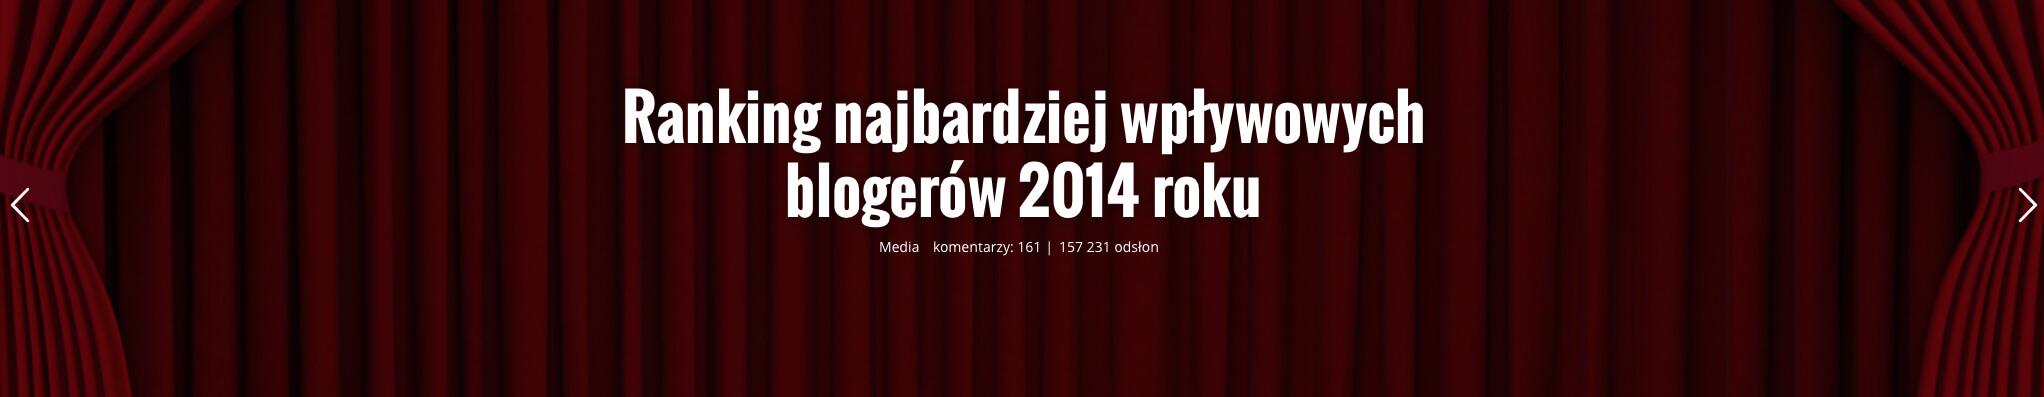 Ranking najbardziej wplwowych blogerow 2014 roku | JasonHunt 2015-12-14 19-01-47